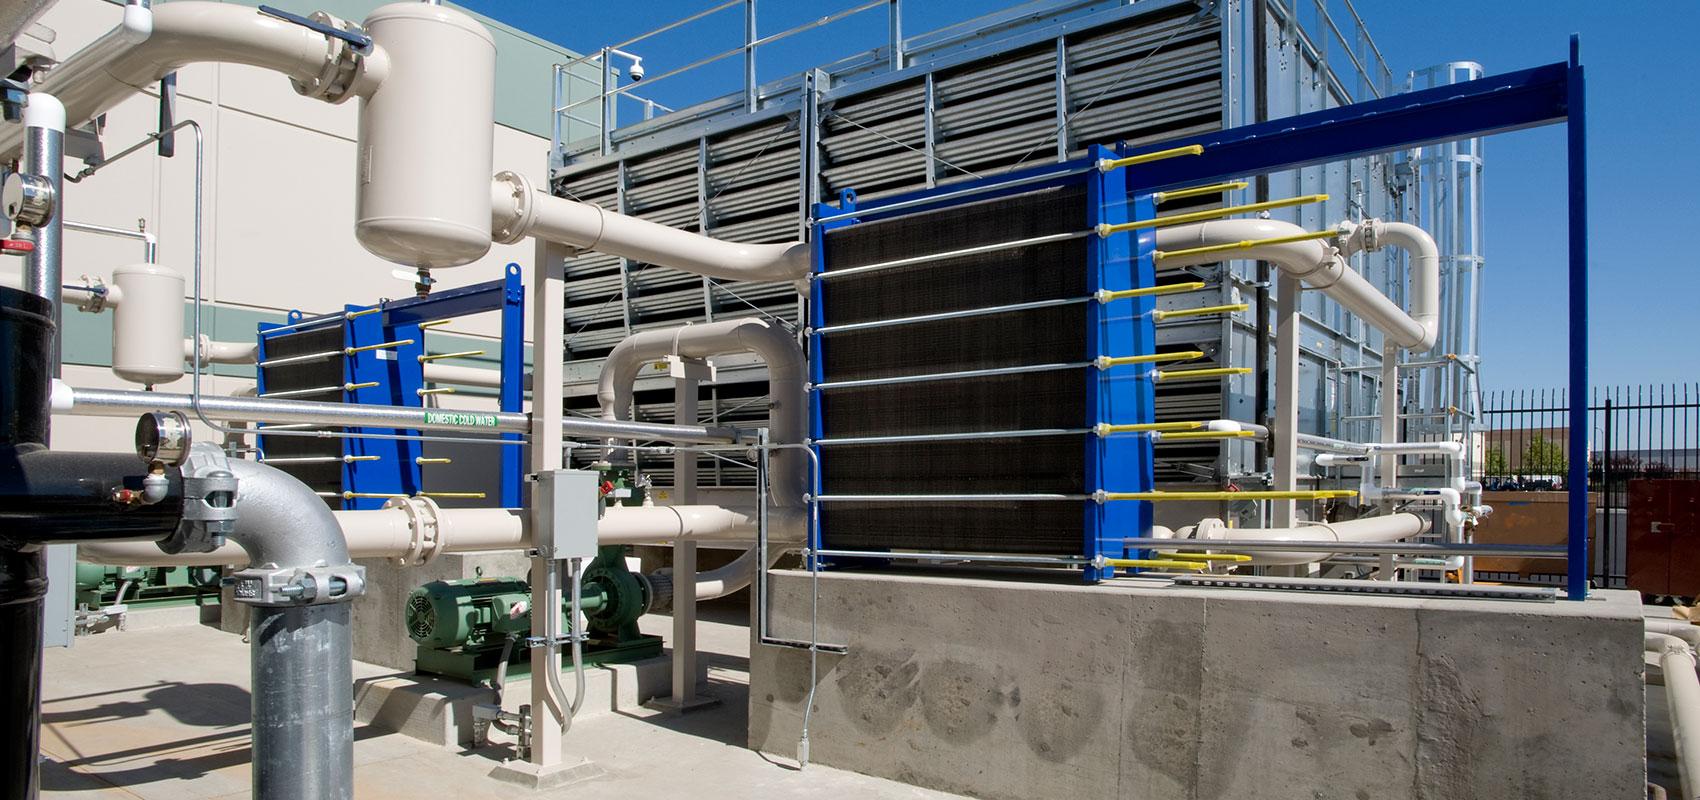 Gli scambiatori di calore e i raffreddatori industriali